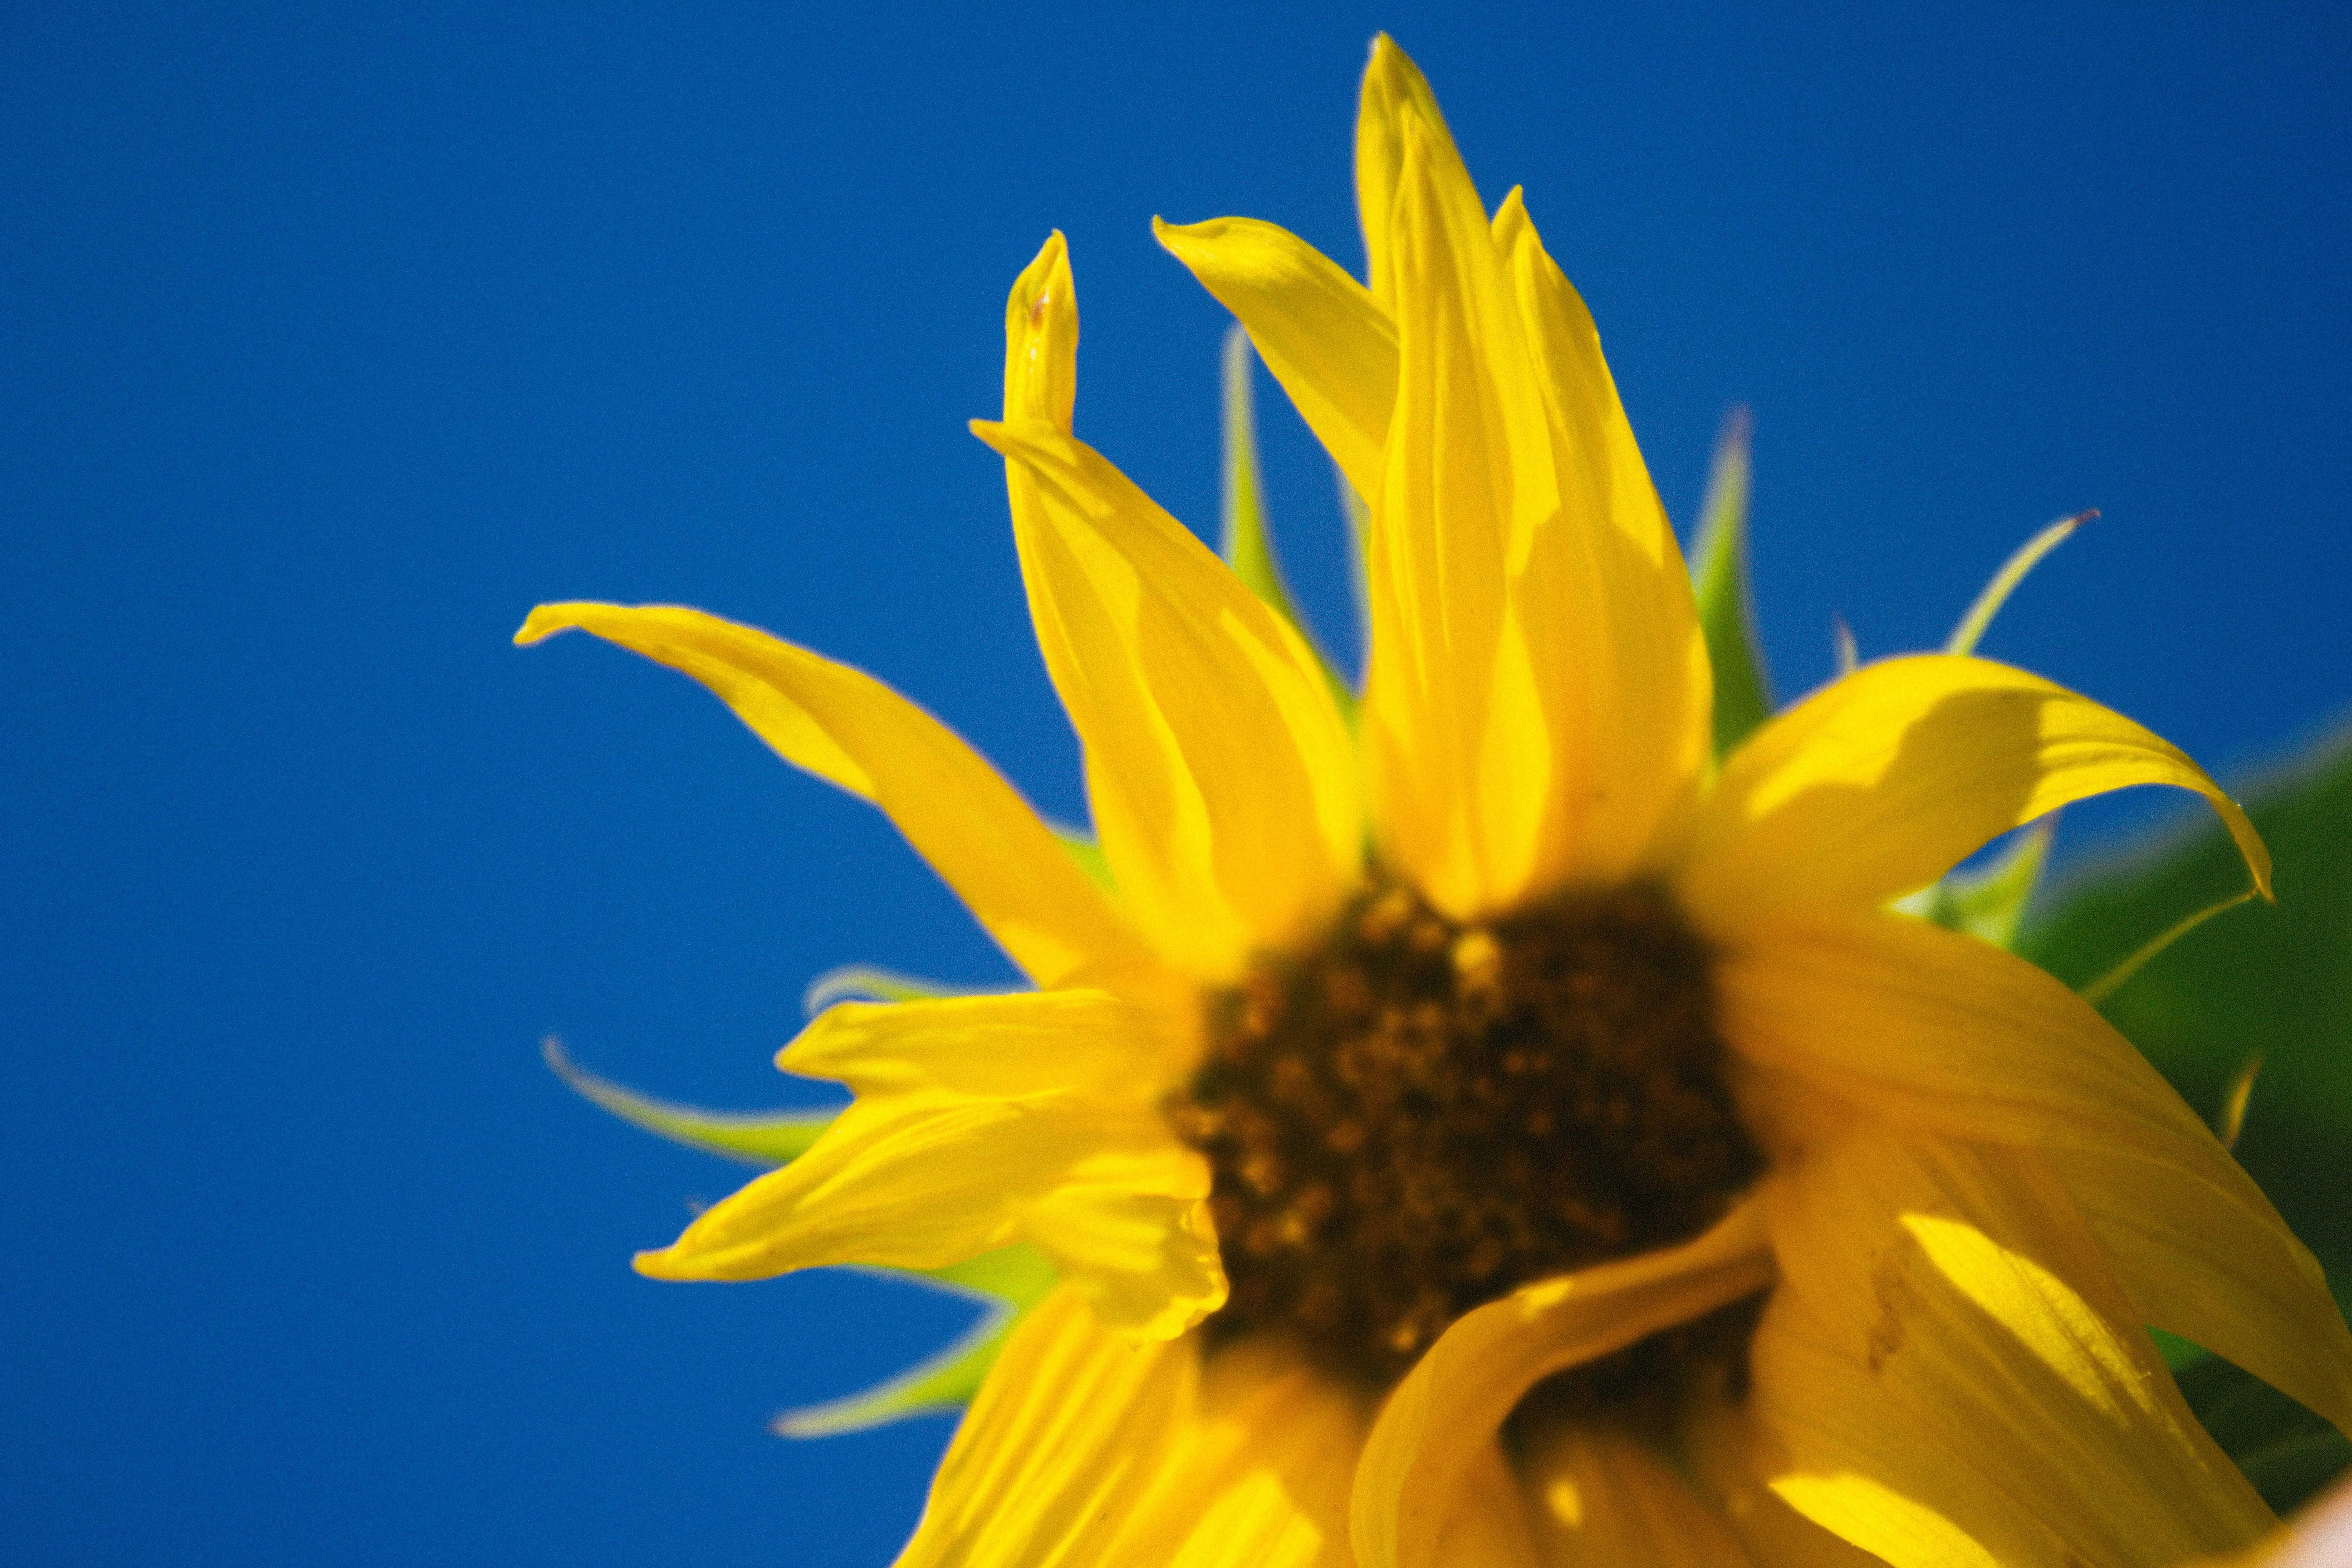 Hình ảnh Thực Vật ánh Sáng Mặt Trời Cánh Hoa Màu Xanh